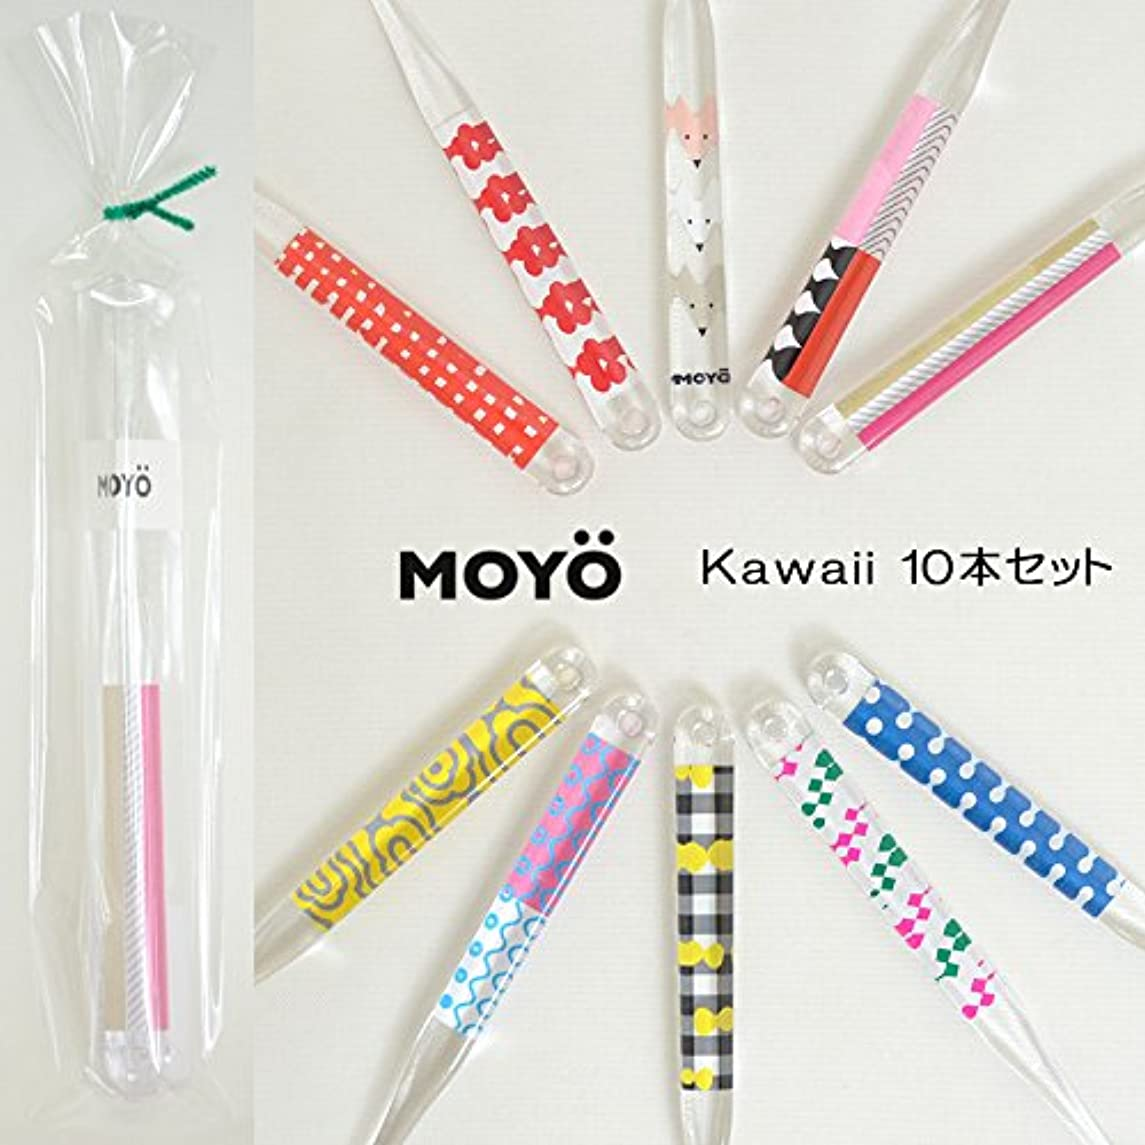 非効率的なむしろプロットMOYO モヨウ kawaii10本 プチ ギフト セット_562302-kawaii2 【F】,kawaii10本セット